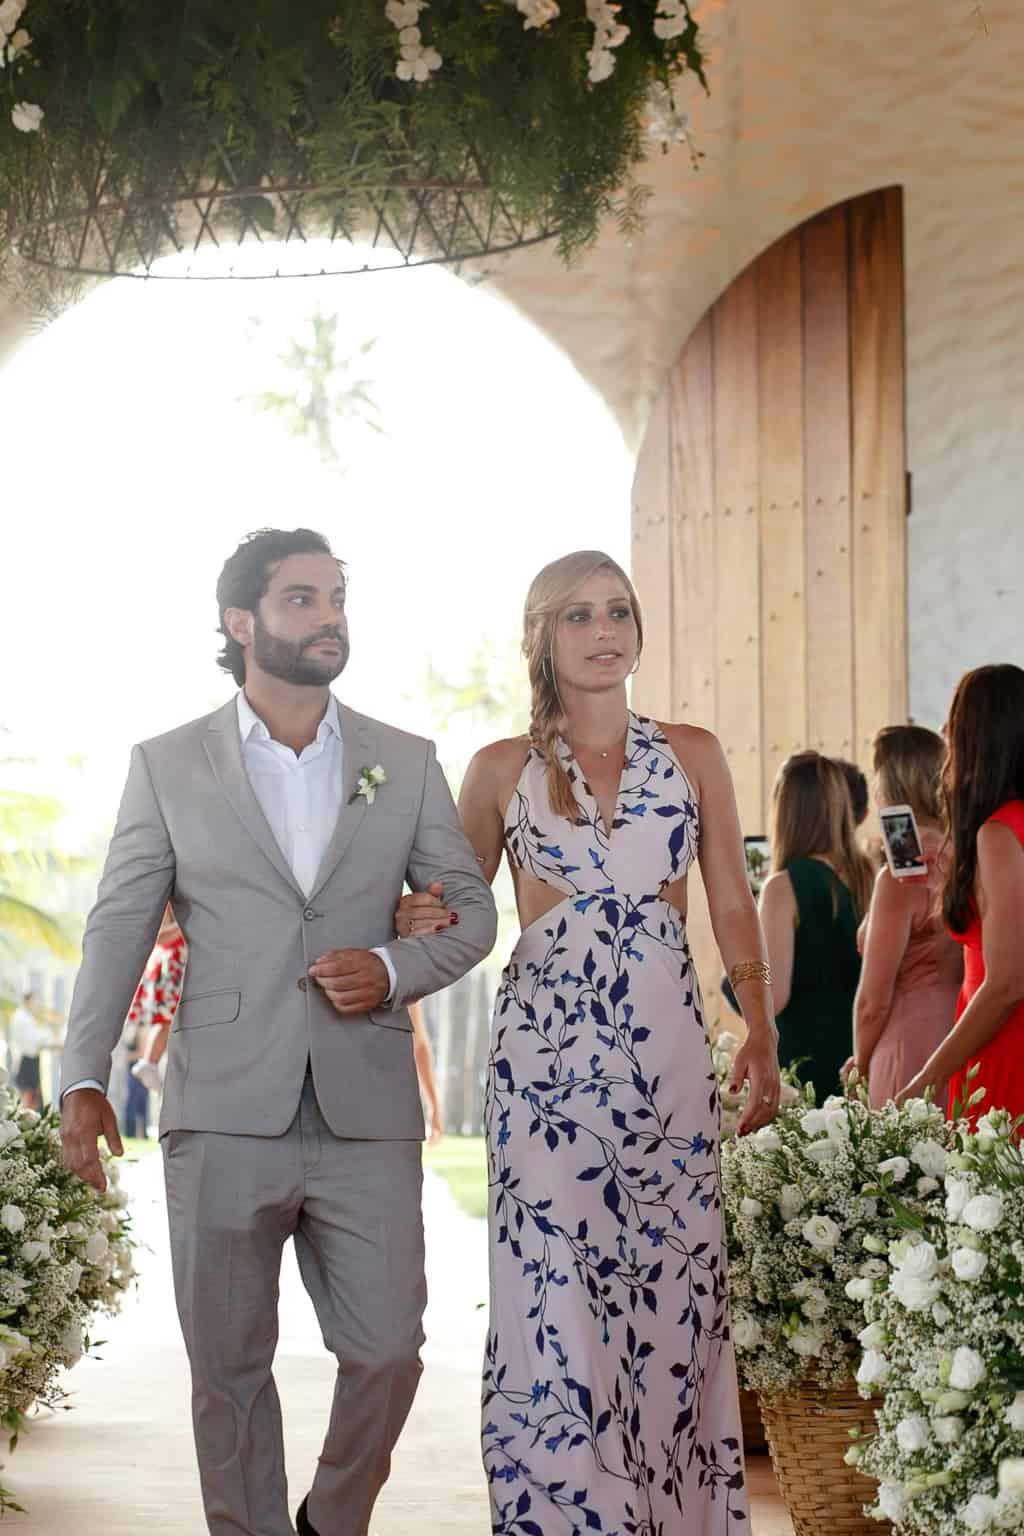 AL-Aline-e-Mauricio-capela-dos-milagres-casamento-casamento-na-praia-cortejo-madrinhas-padrinhos50